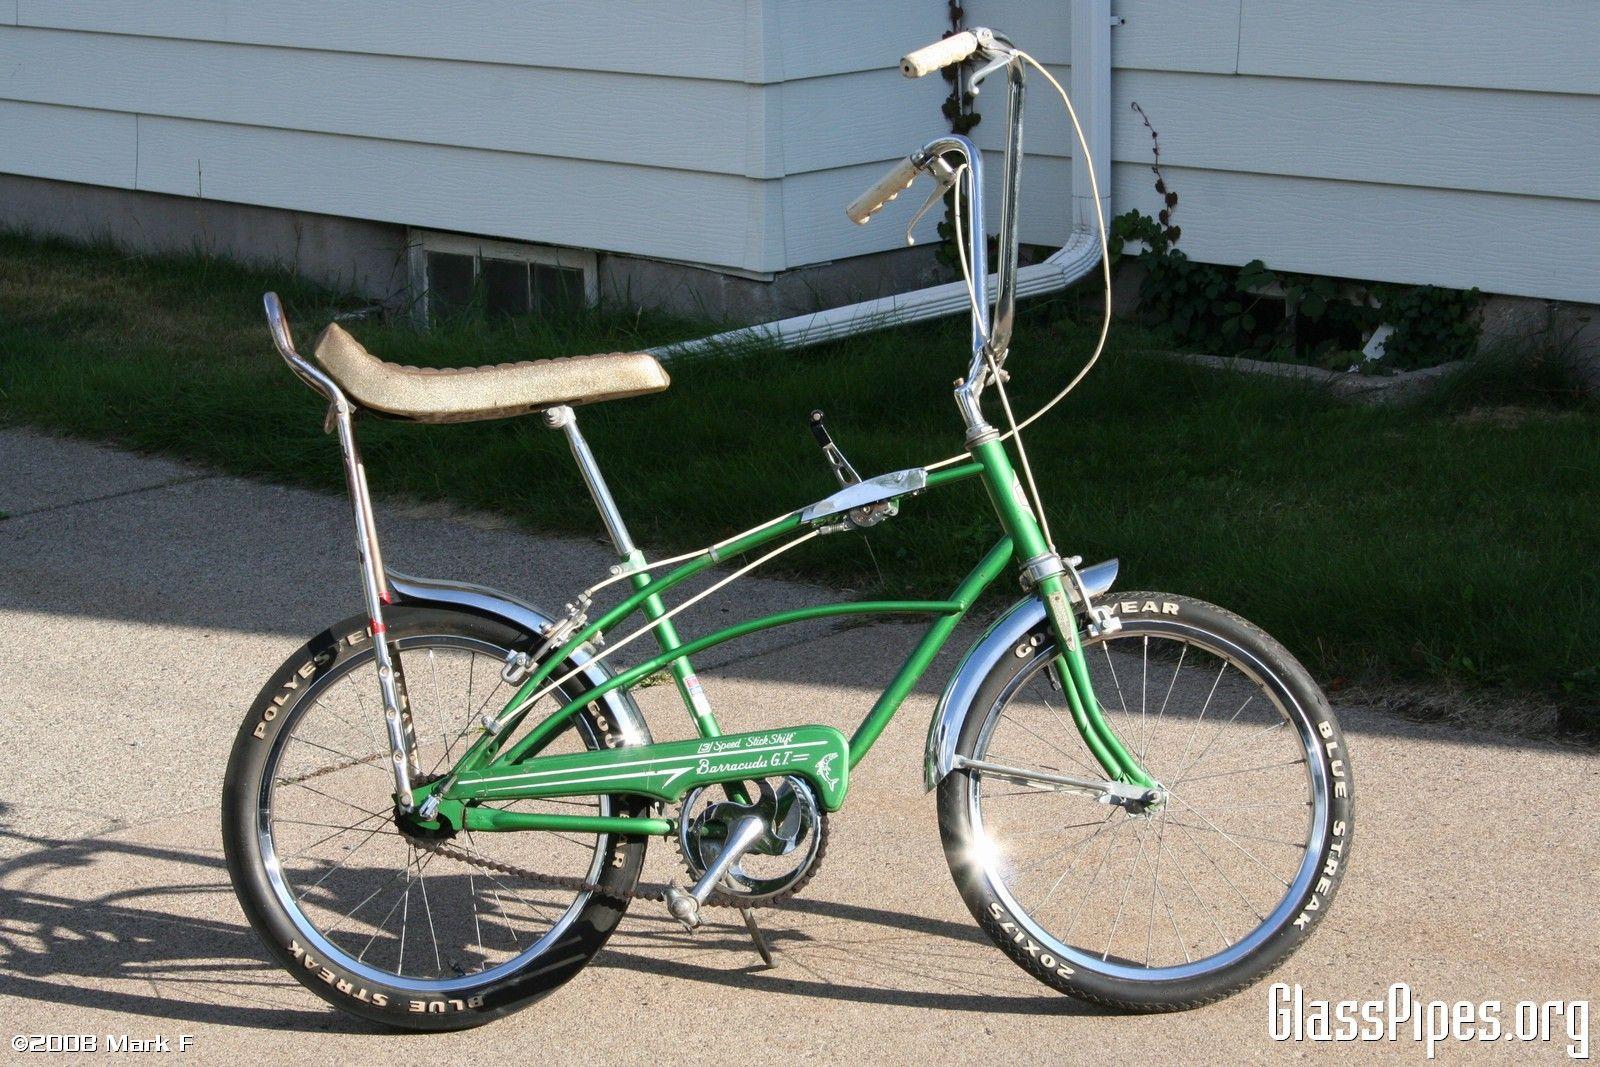 1971 Ross Barracuda 3 speed Vintage bikes, Bicycle